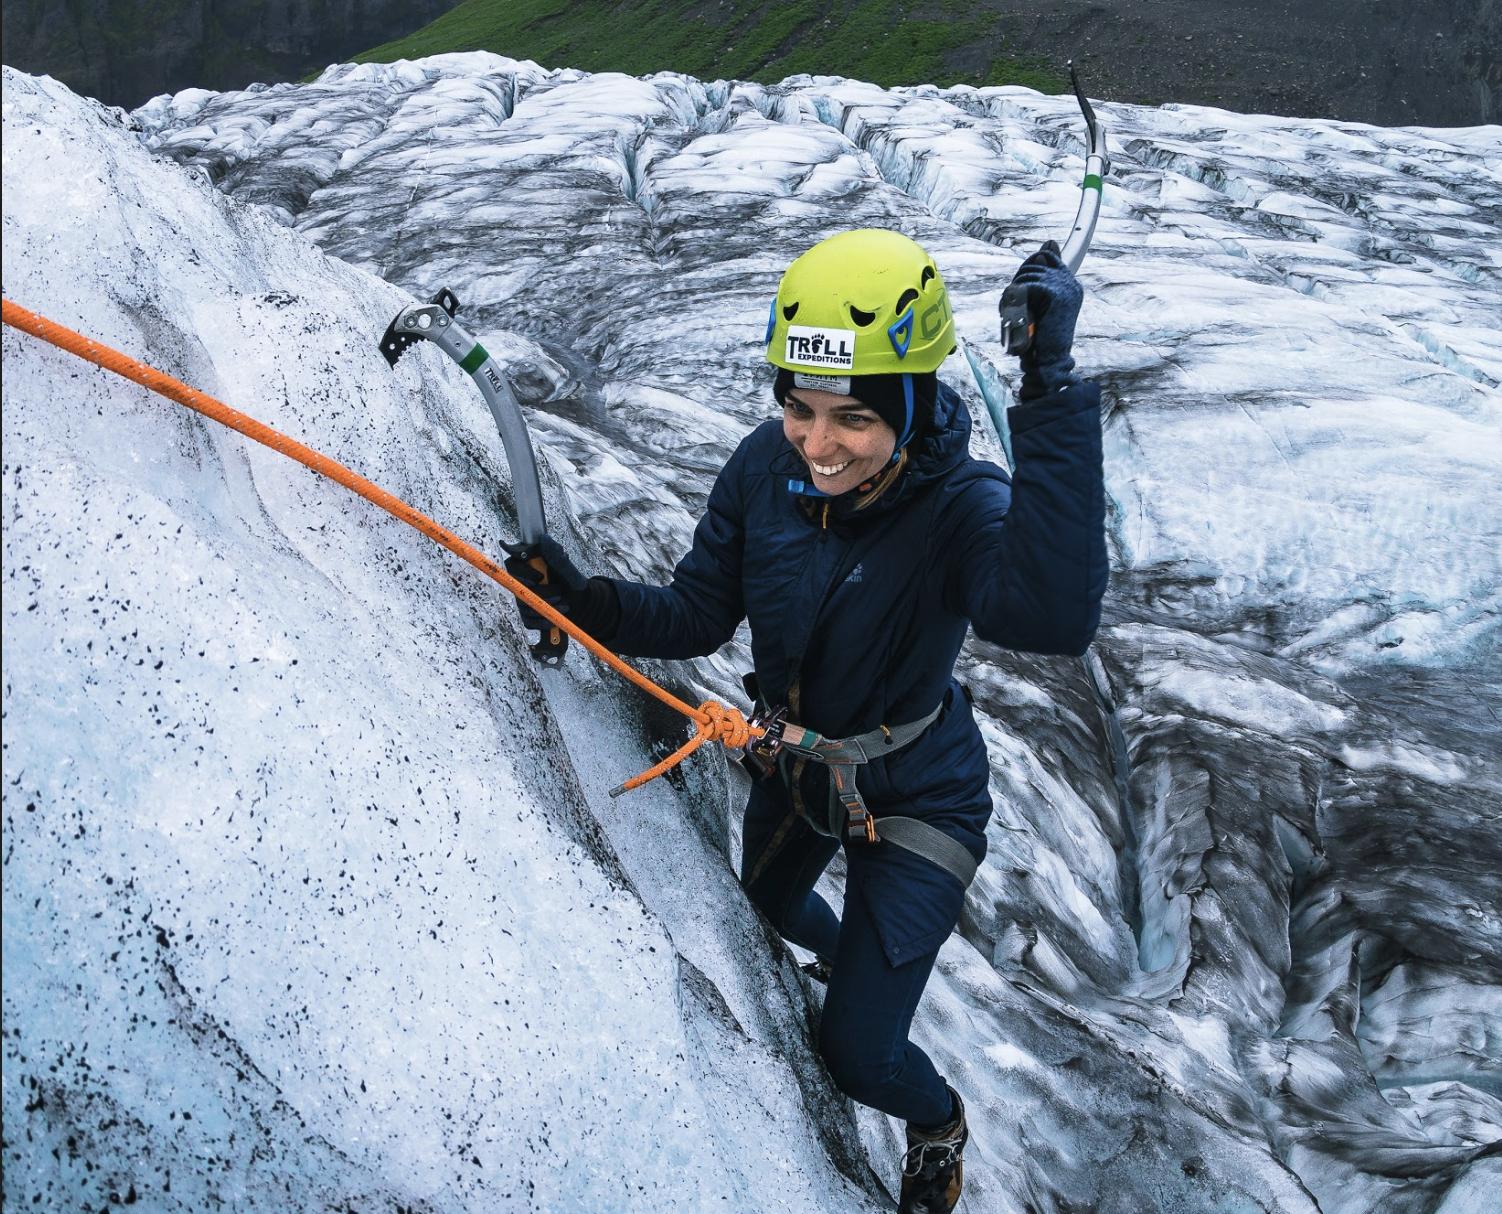 ปีนน้ำแข็งที่สกัฟตาแฟลล์ในไอซ์แลนด์